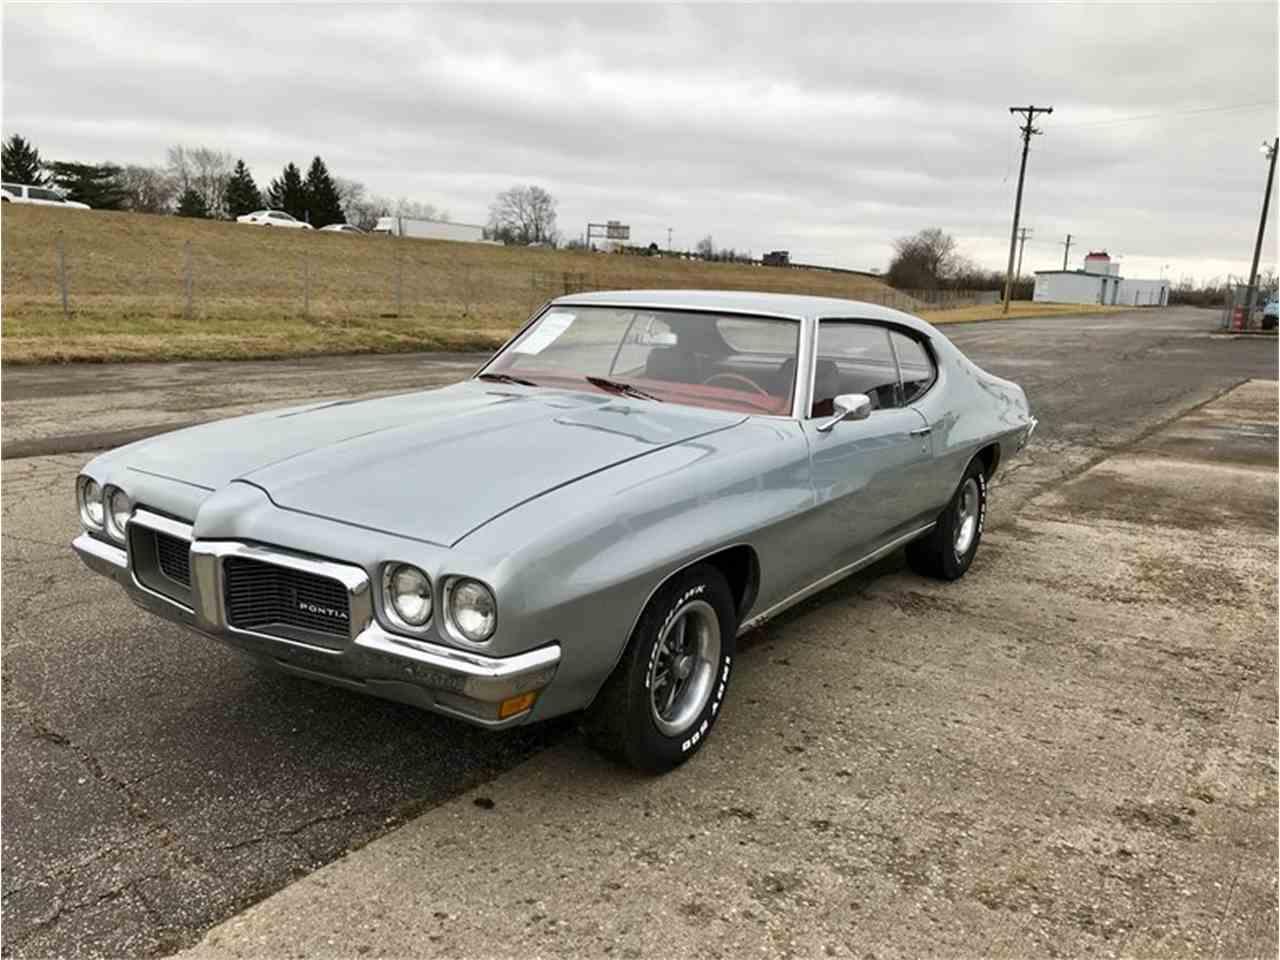 Pontiac LeMans III 1968 - 1972 Coupe-Hardtop #2